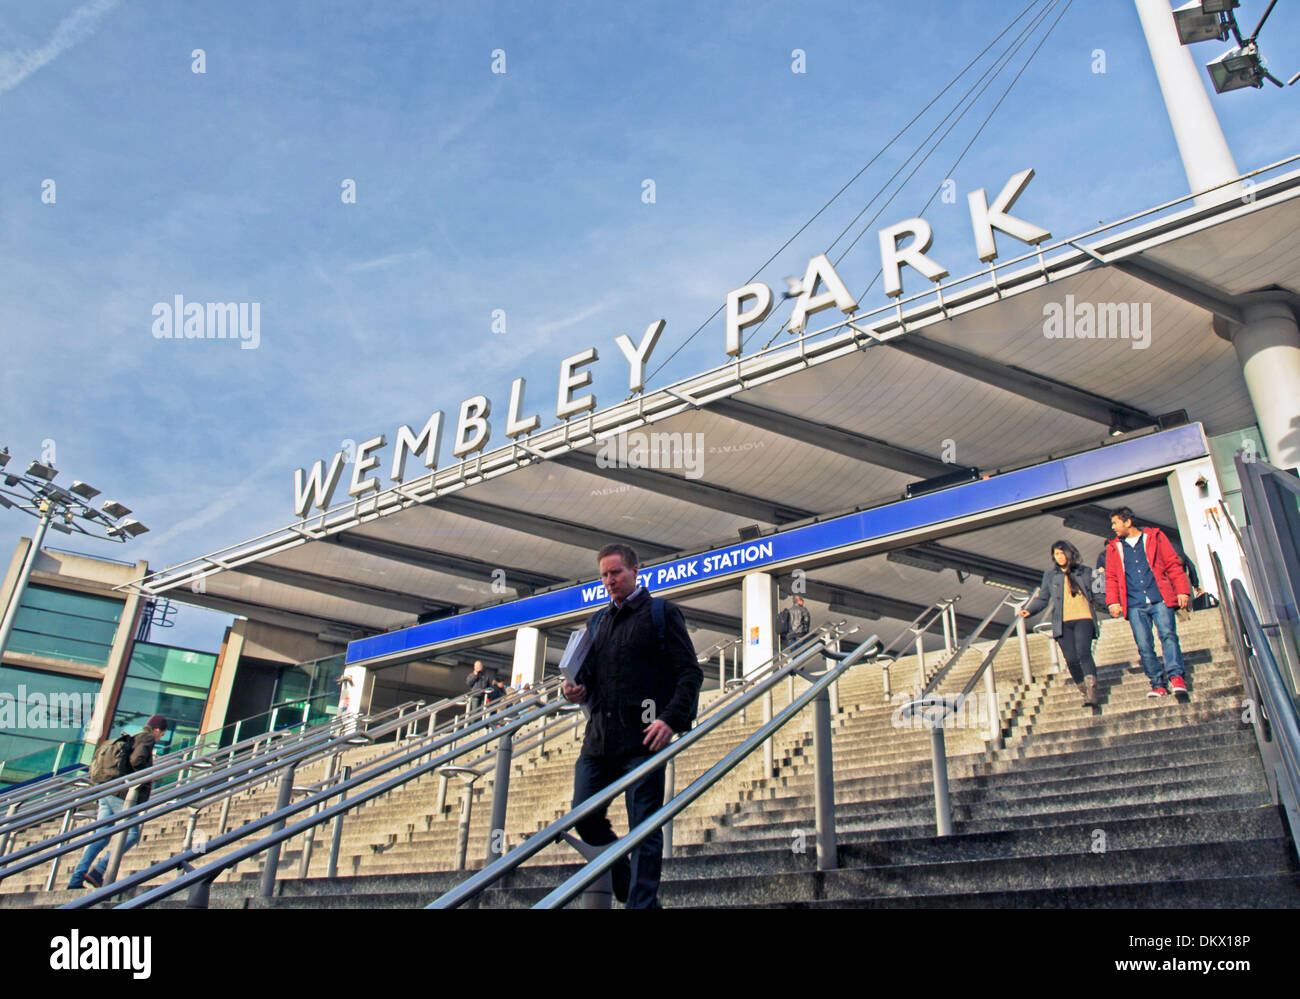 Entrance to Wembley Park Station, London Borough of Brent, London, England, United Kingdom - Stock Image